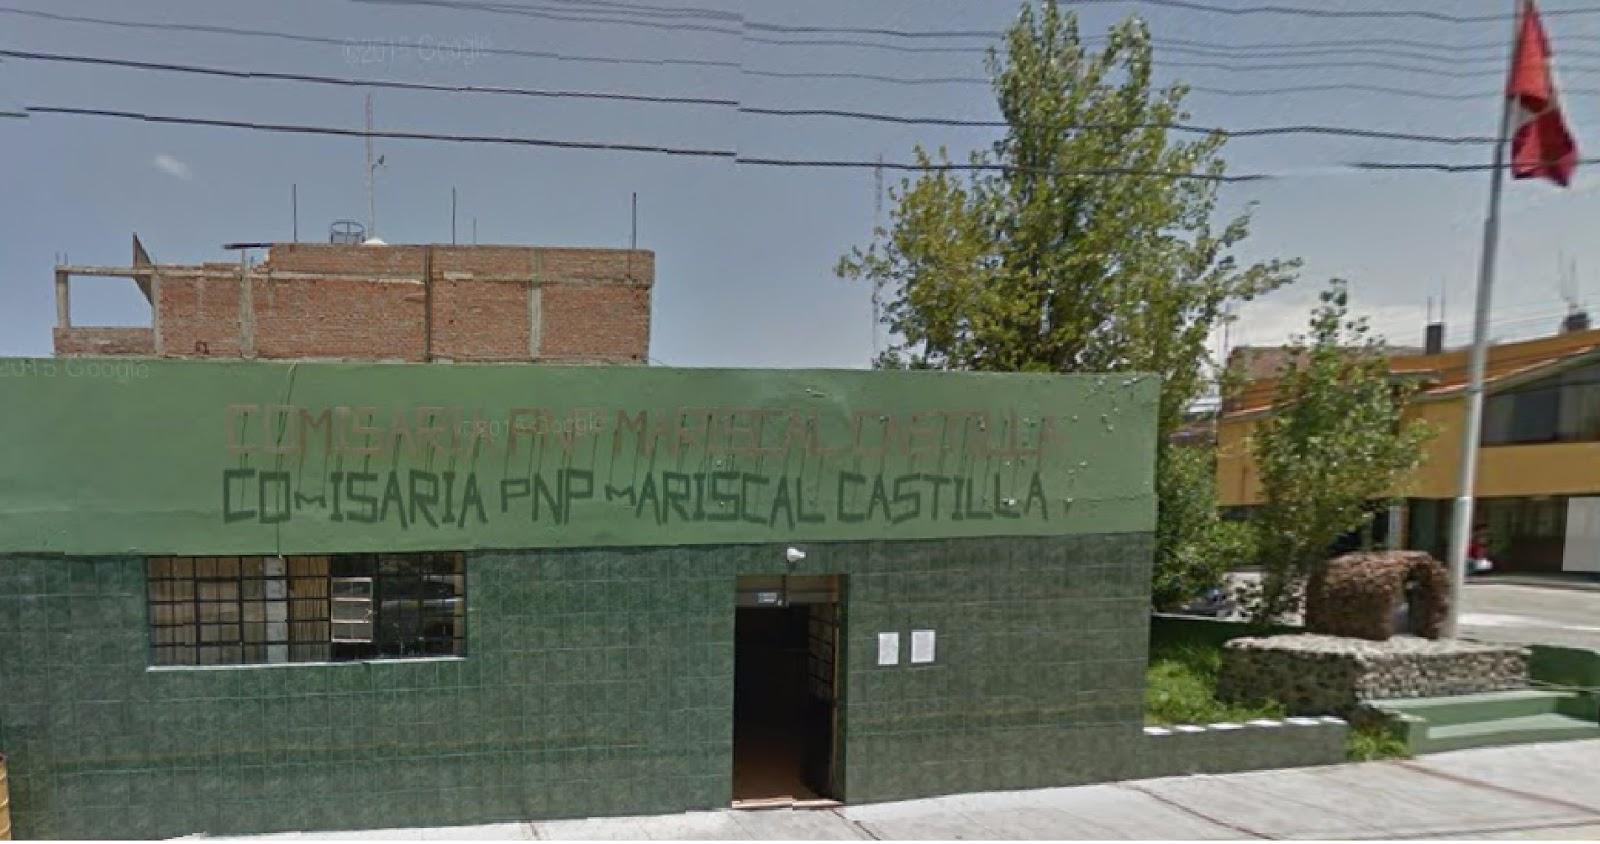 La Labor Policial en Arequipa: Comisaria PNP Mariscal Castilla